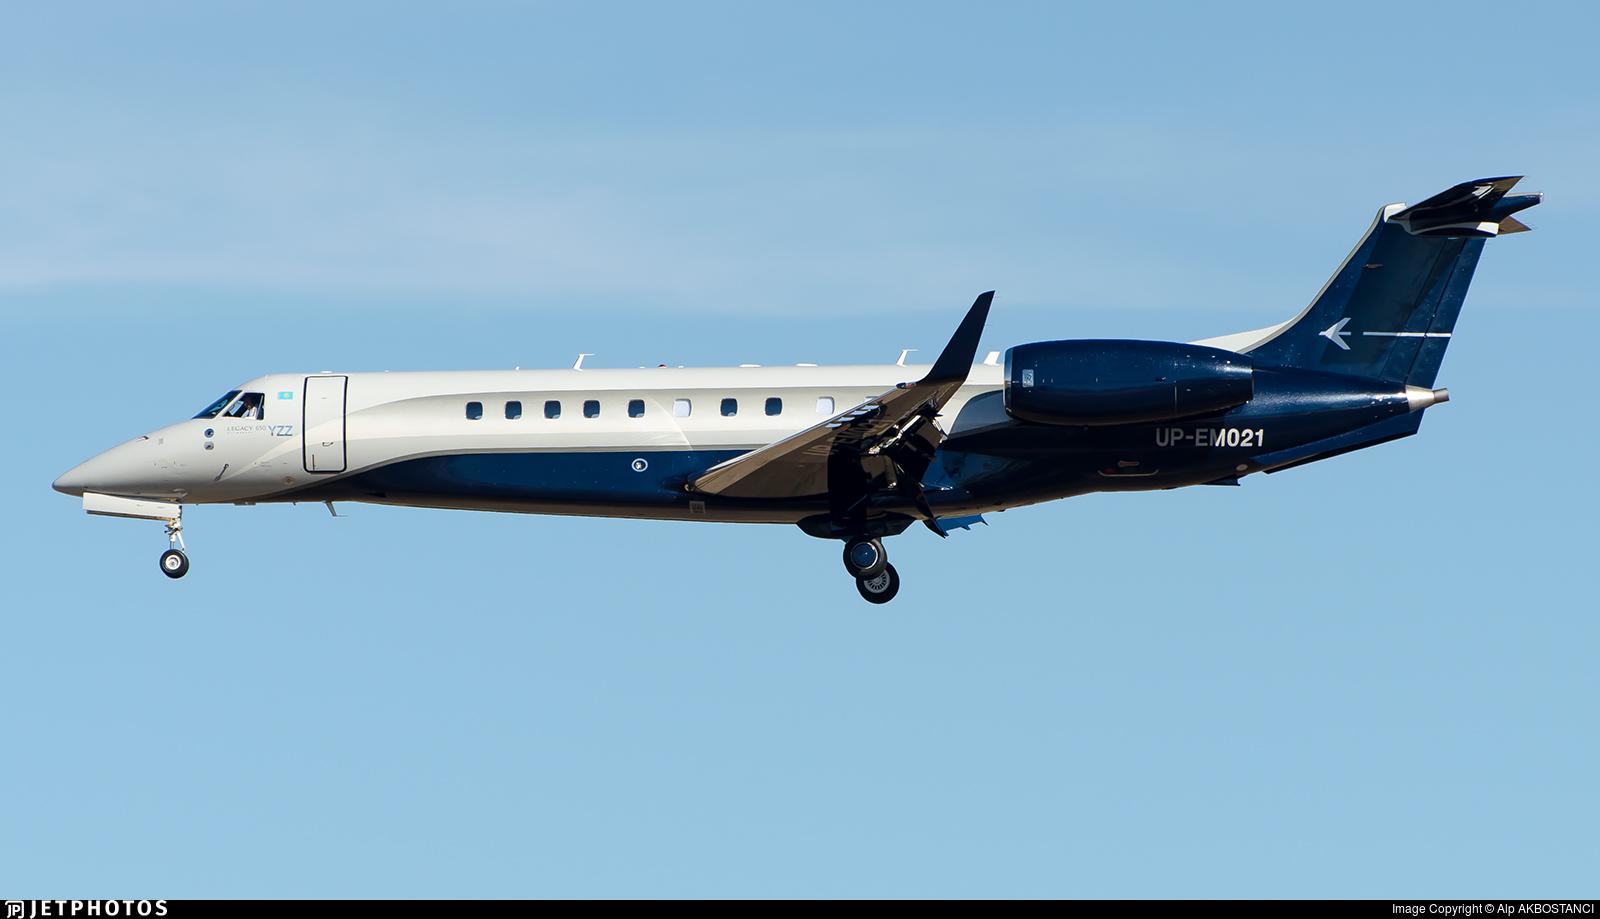 UP-EM021 - Embraer ERJ-135BJ Legacy 600 - Private